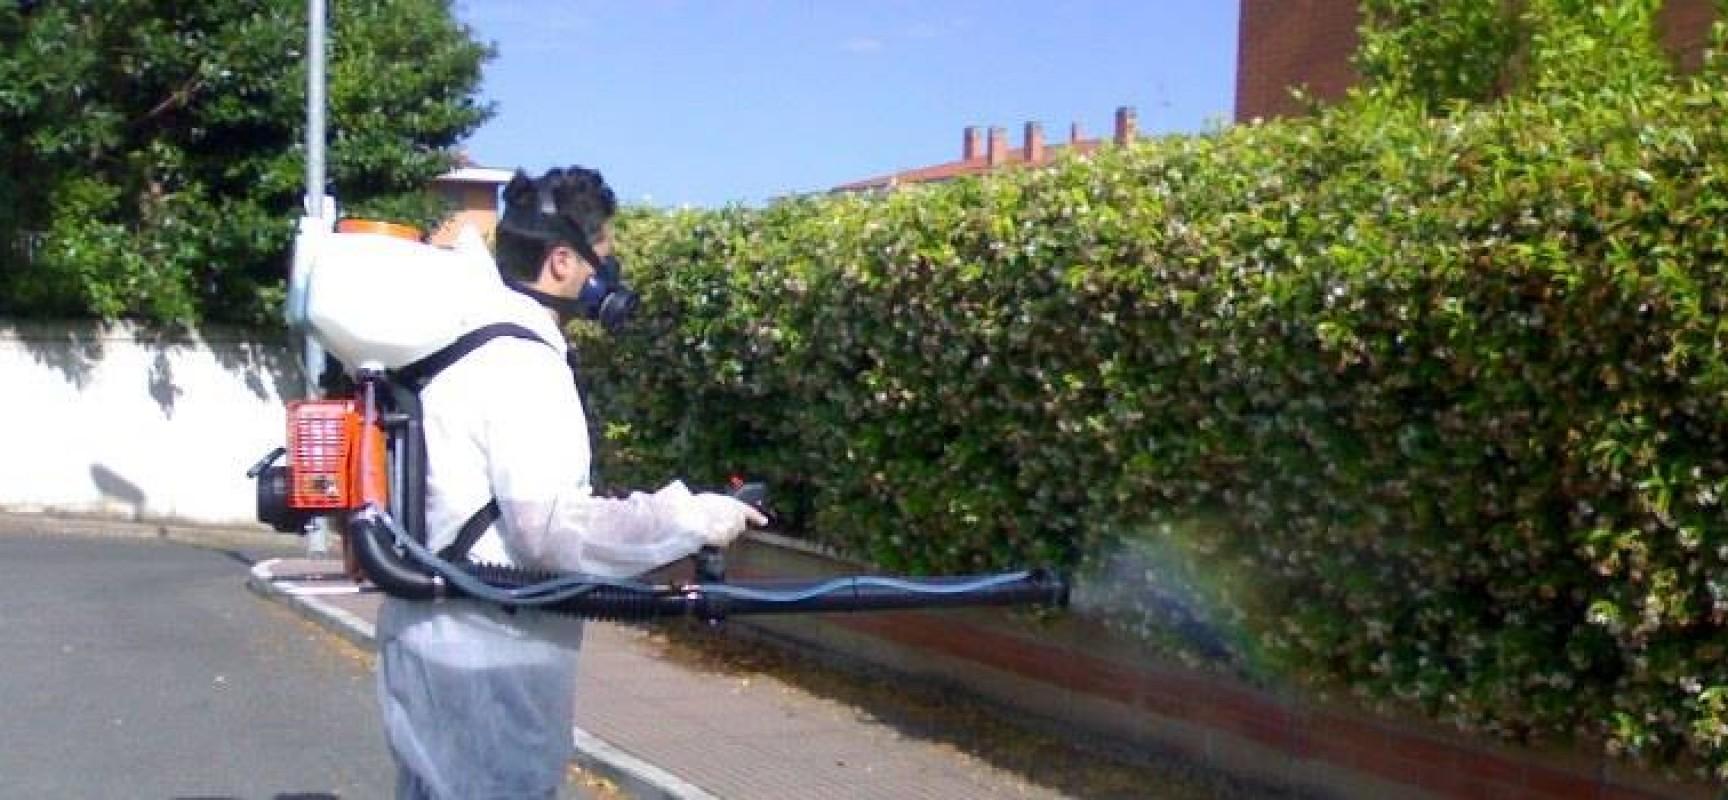 Nuovo intervento di disinfestazione contro mosche e zanzare, tenere chiuse porte e finestre